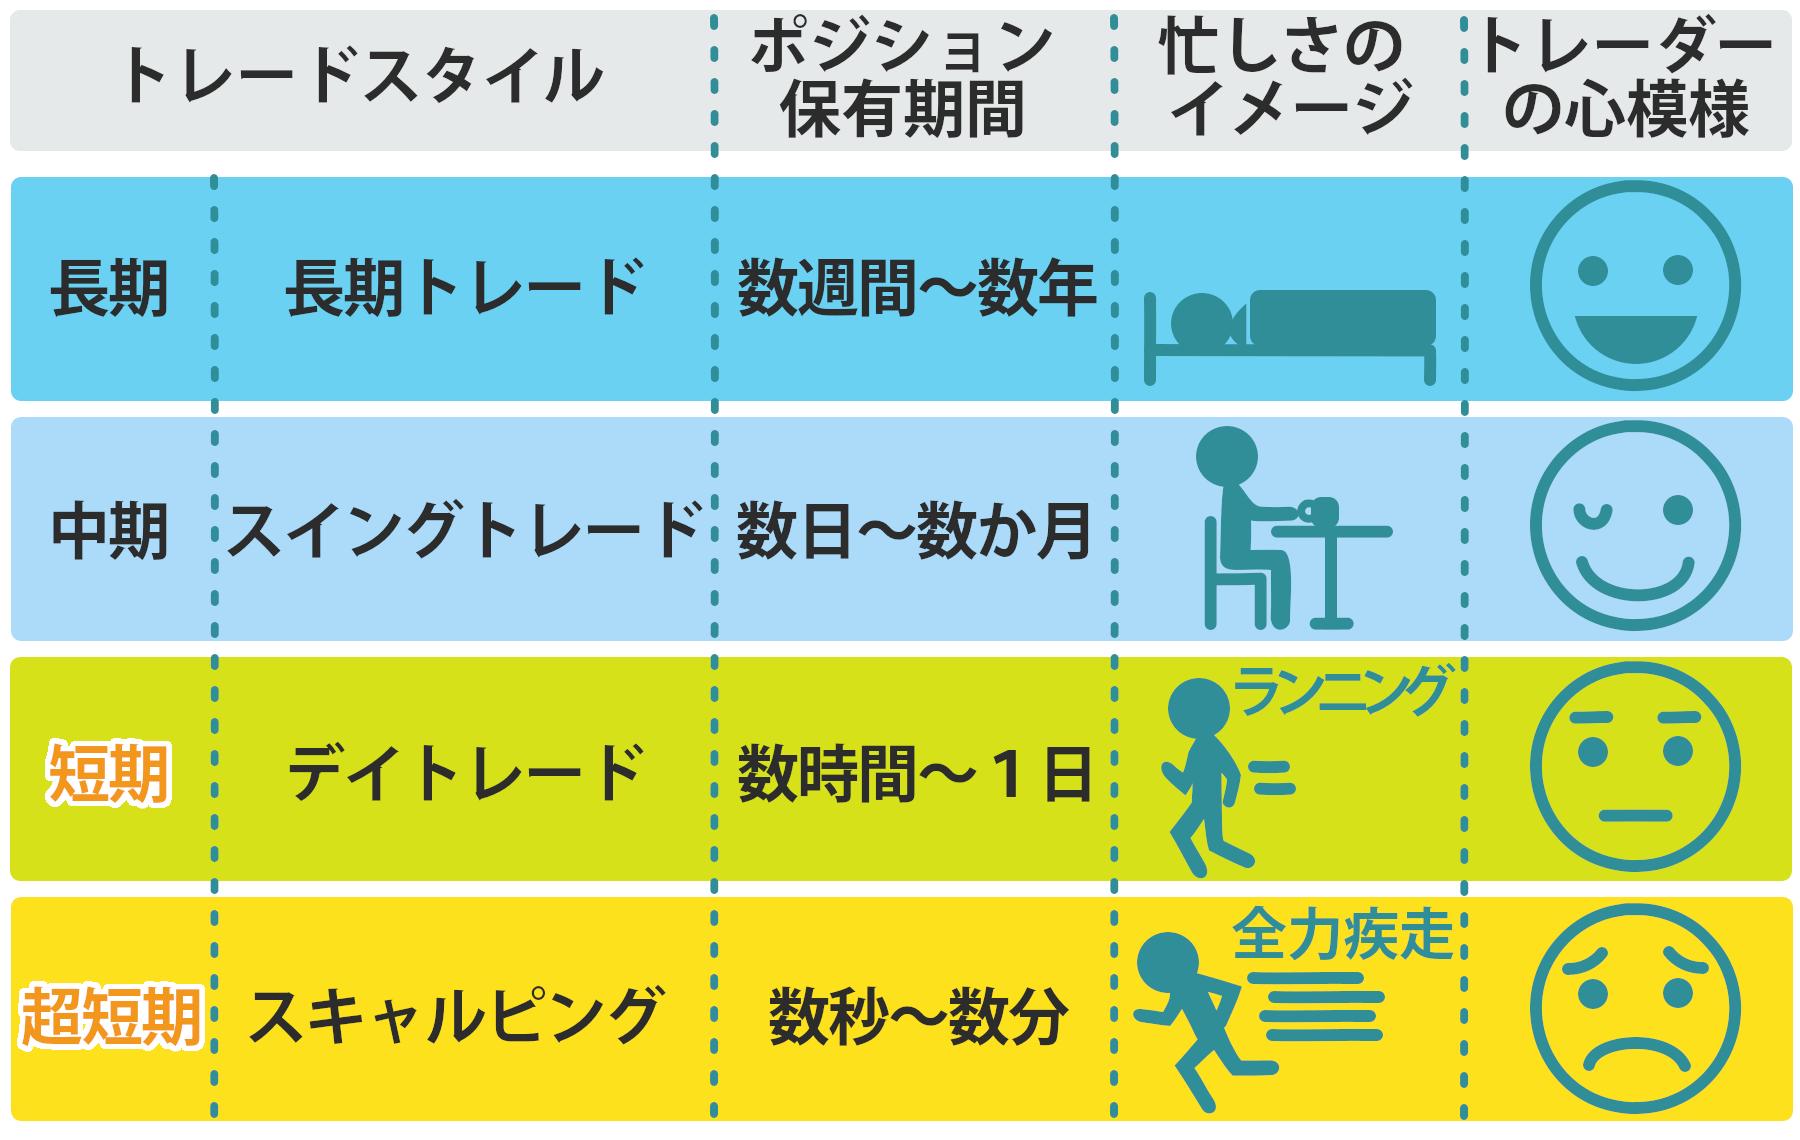 トレードスタイル分類表